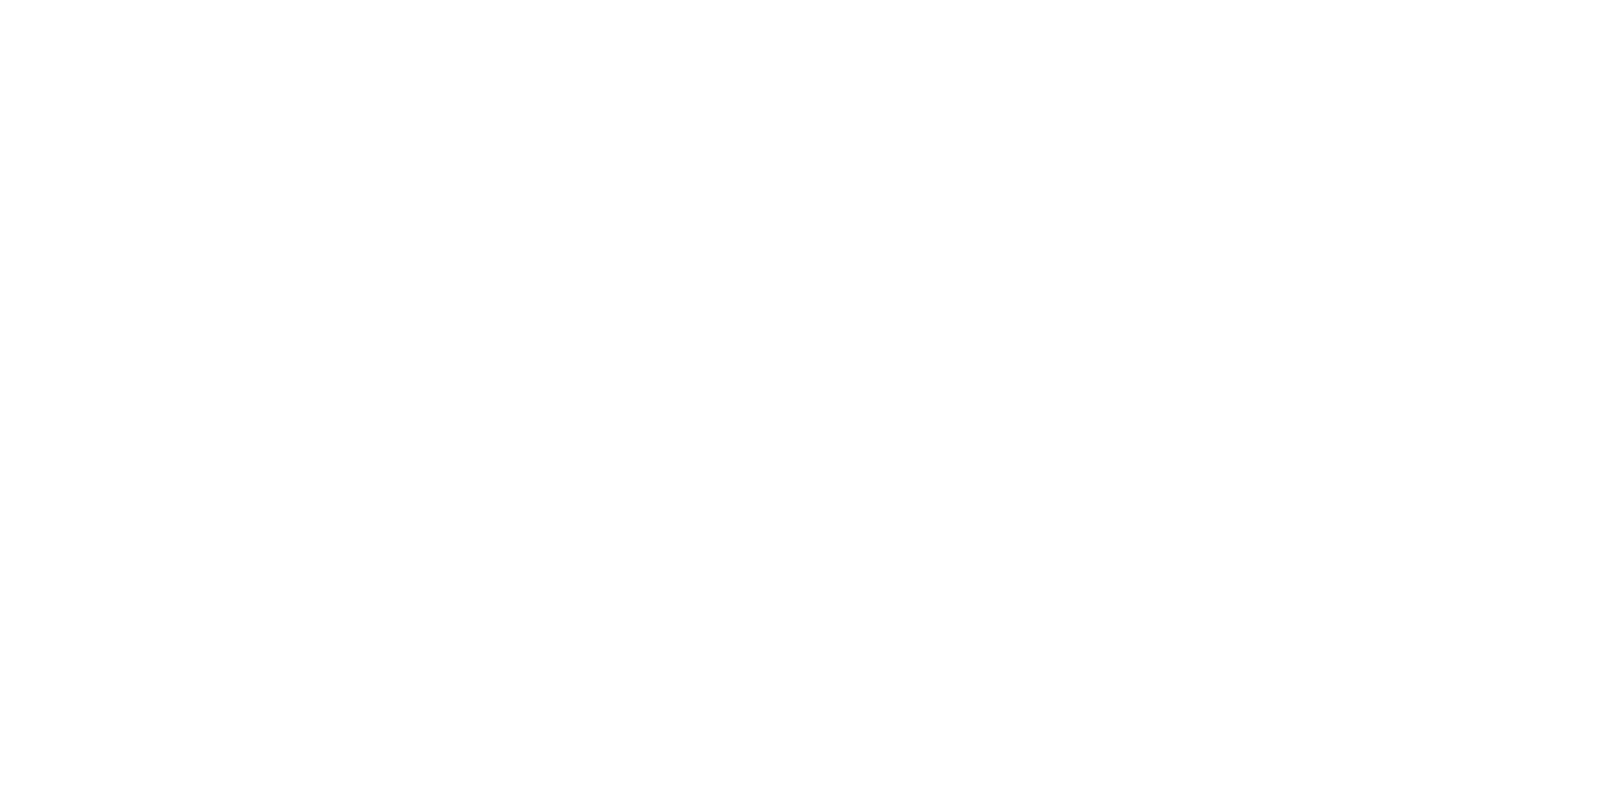 healthfirst-logo-white